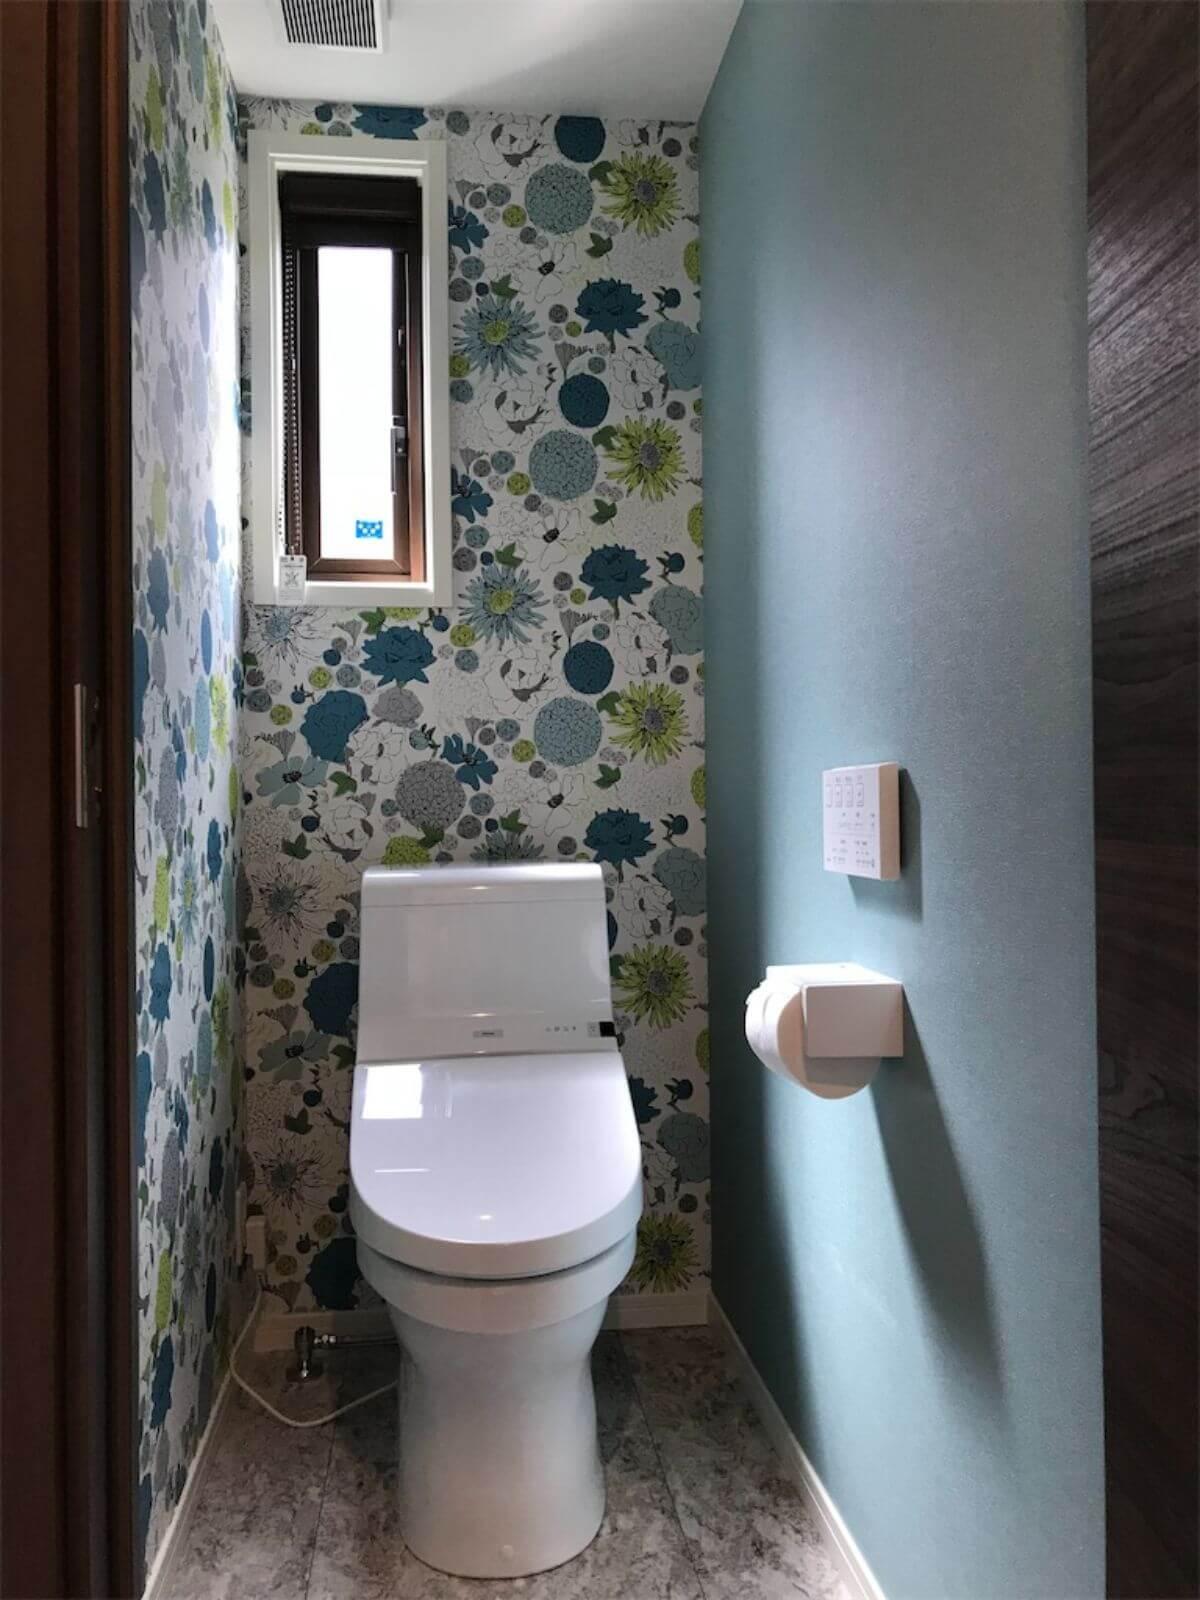 背面に柄物アクセントクロスのあるトイレ空間